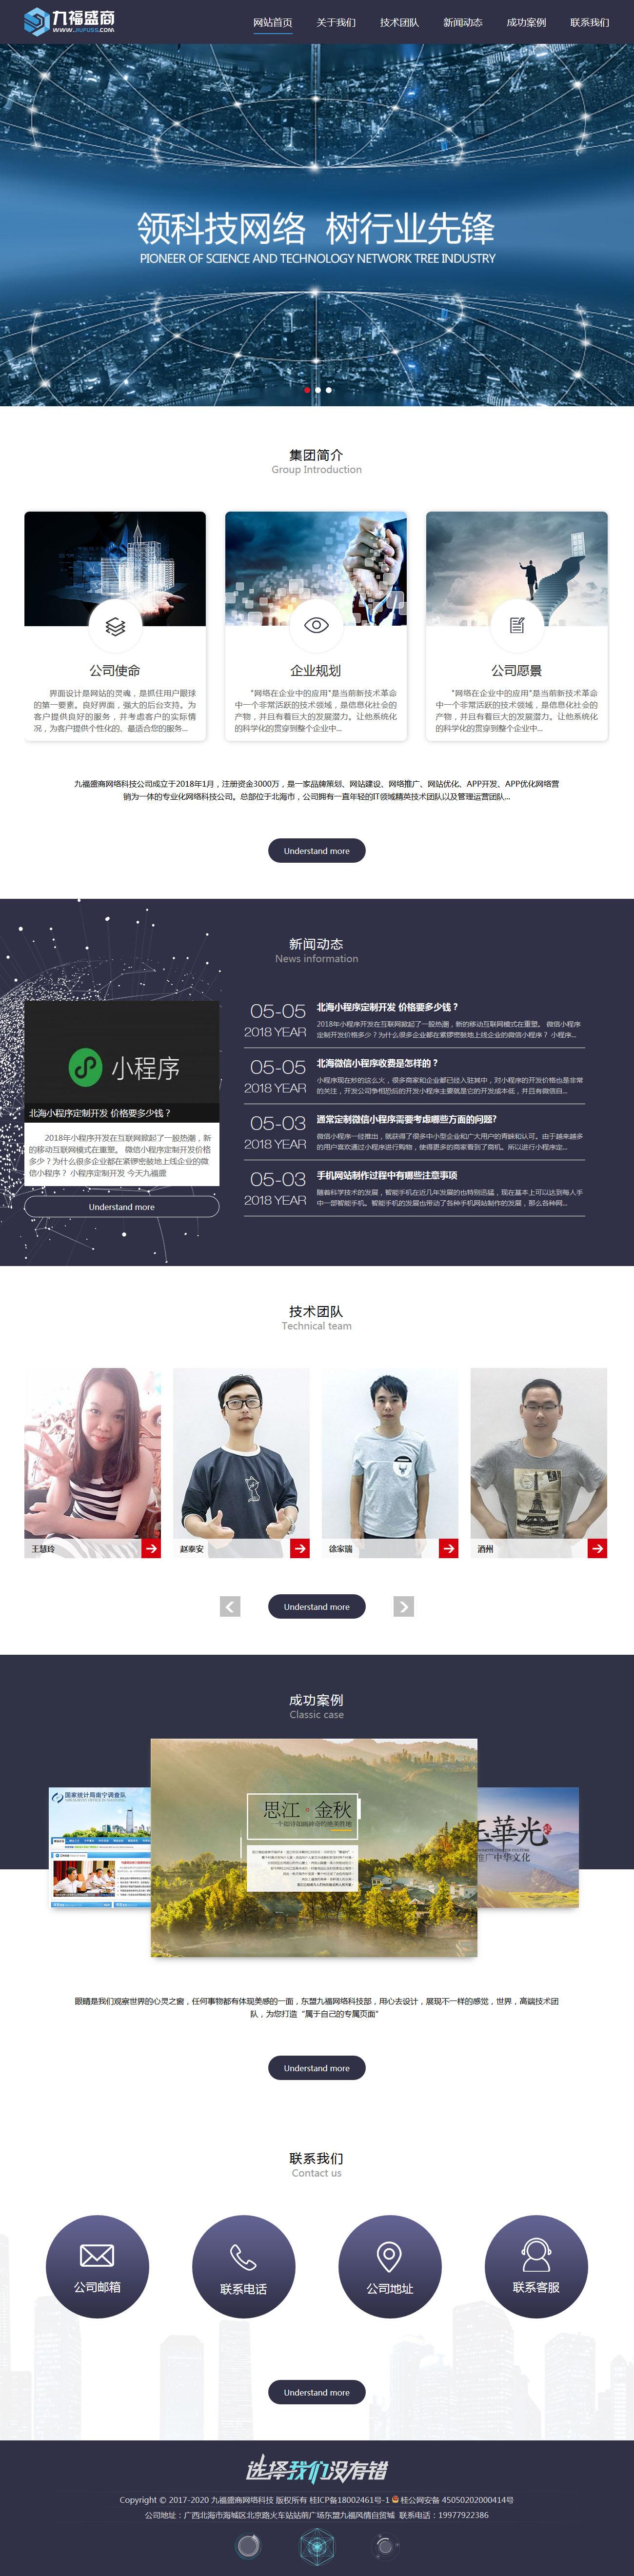 九福盛商网络科技